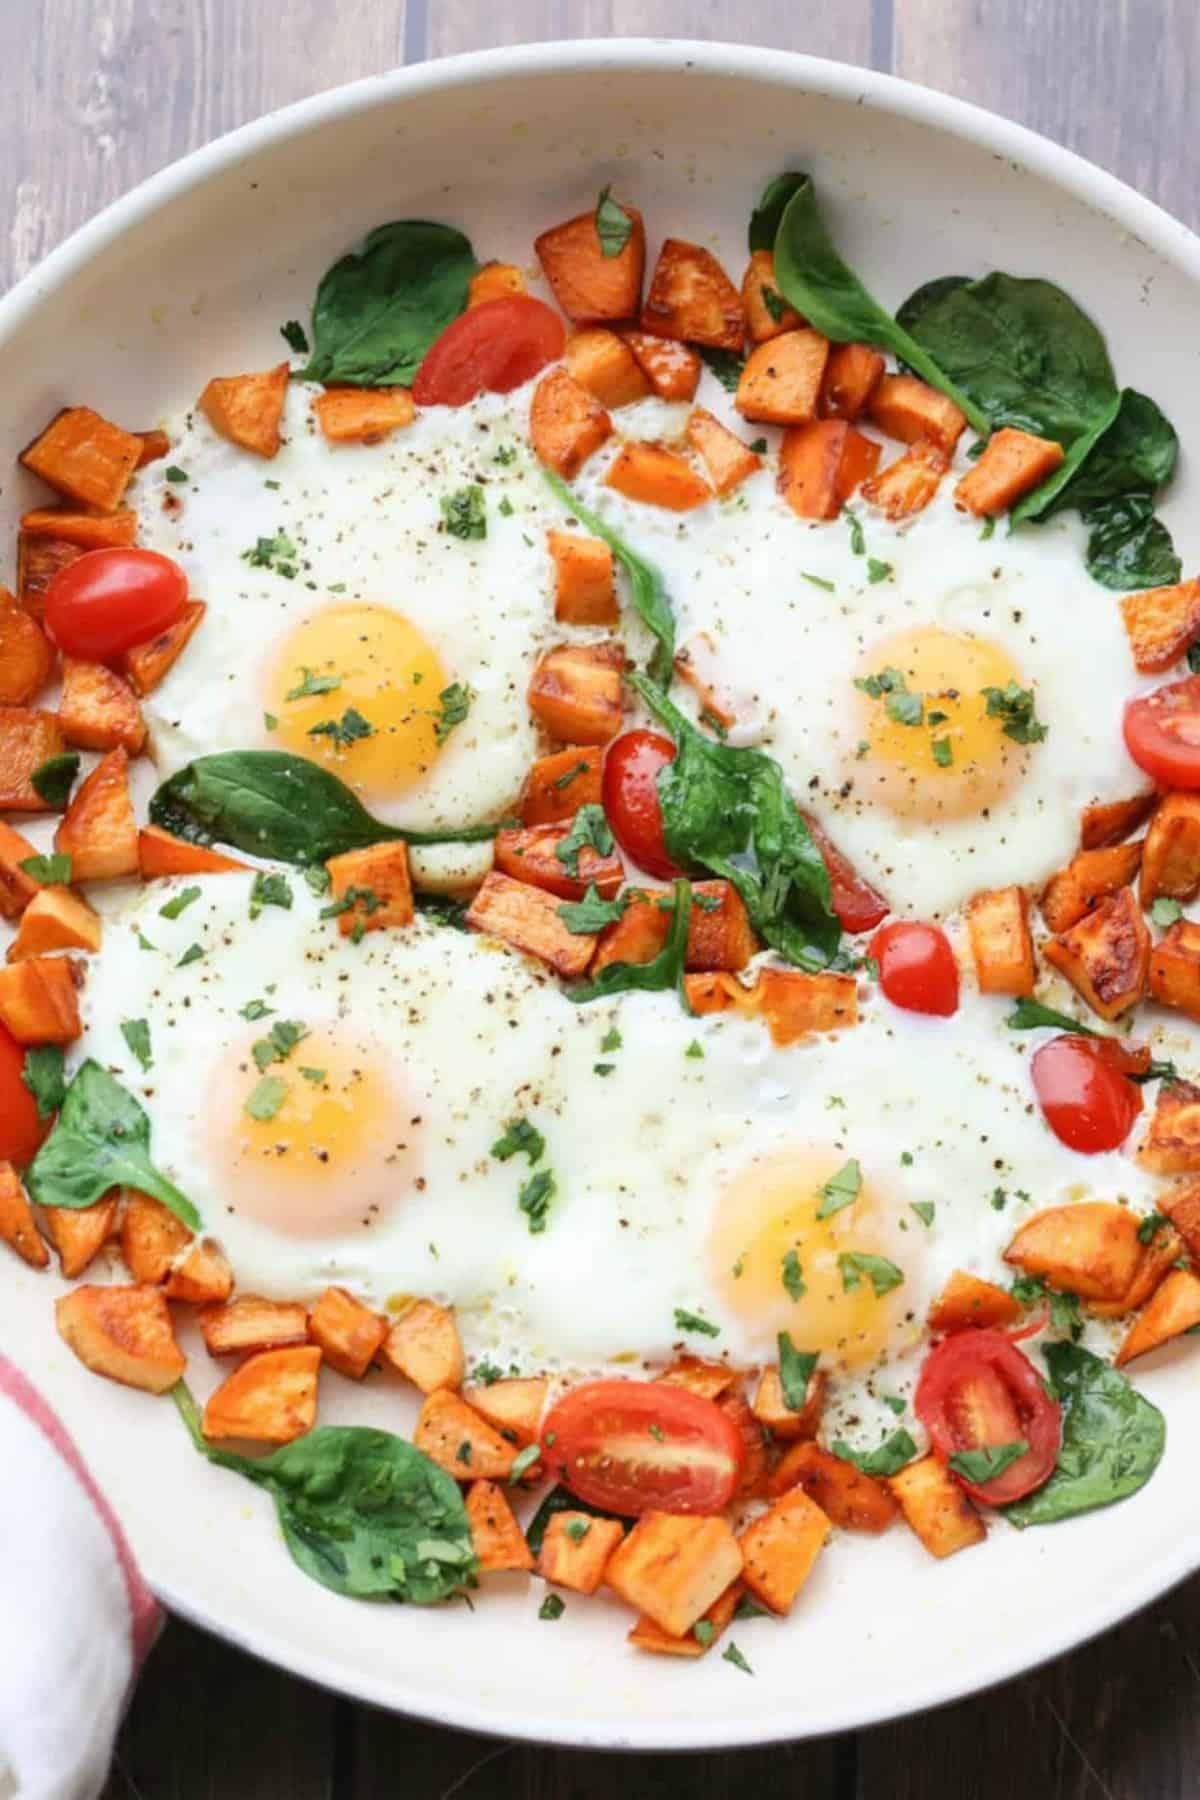 Sweet Potato & Egg One-Skillet Breakfast